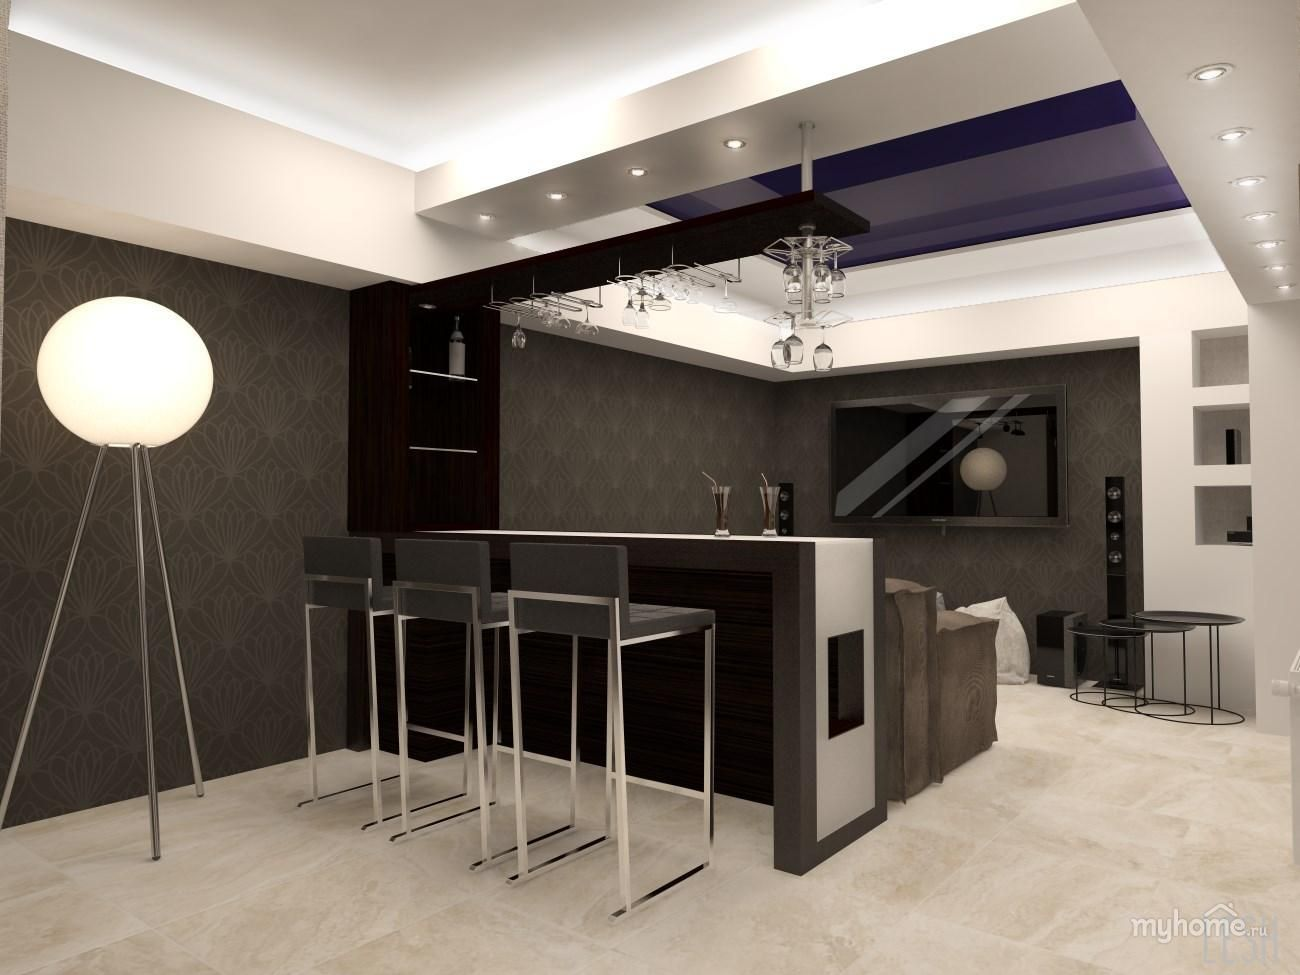 Барная стойка в гостиной фото | Барная стойка, Дом, Квартира